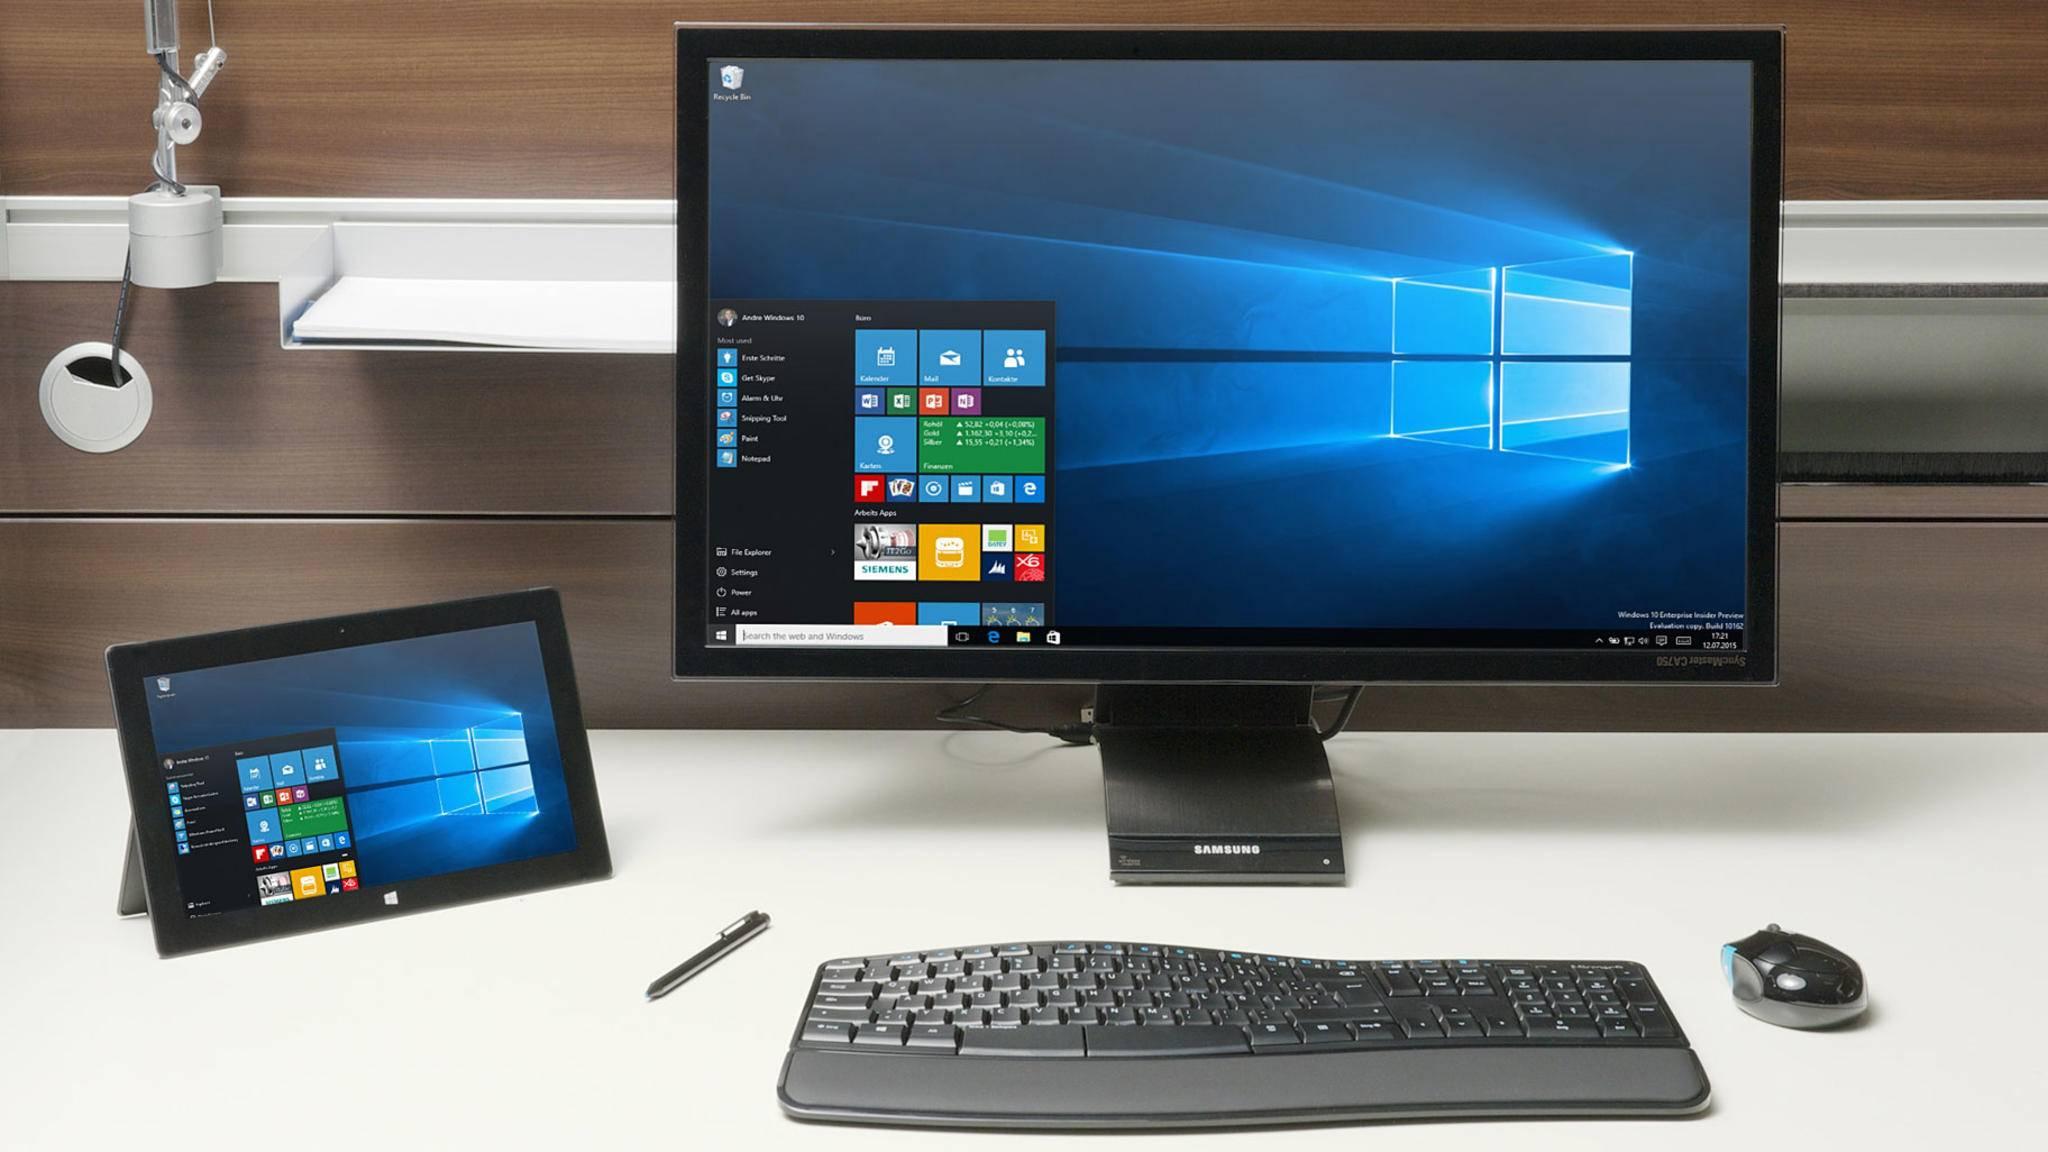 Microsoft bietet alle Tools für die Erstellung eines bootfähigen USB-Sticks selbst an.